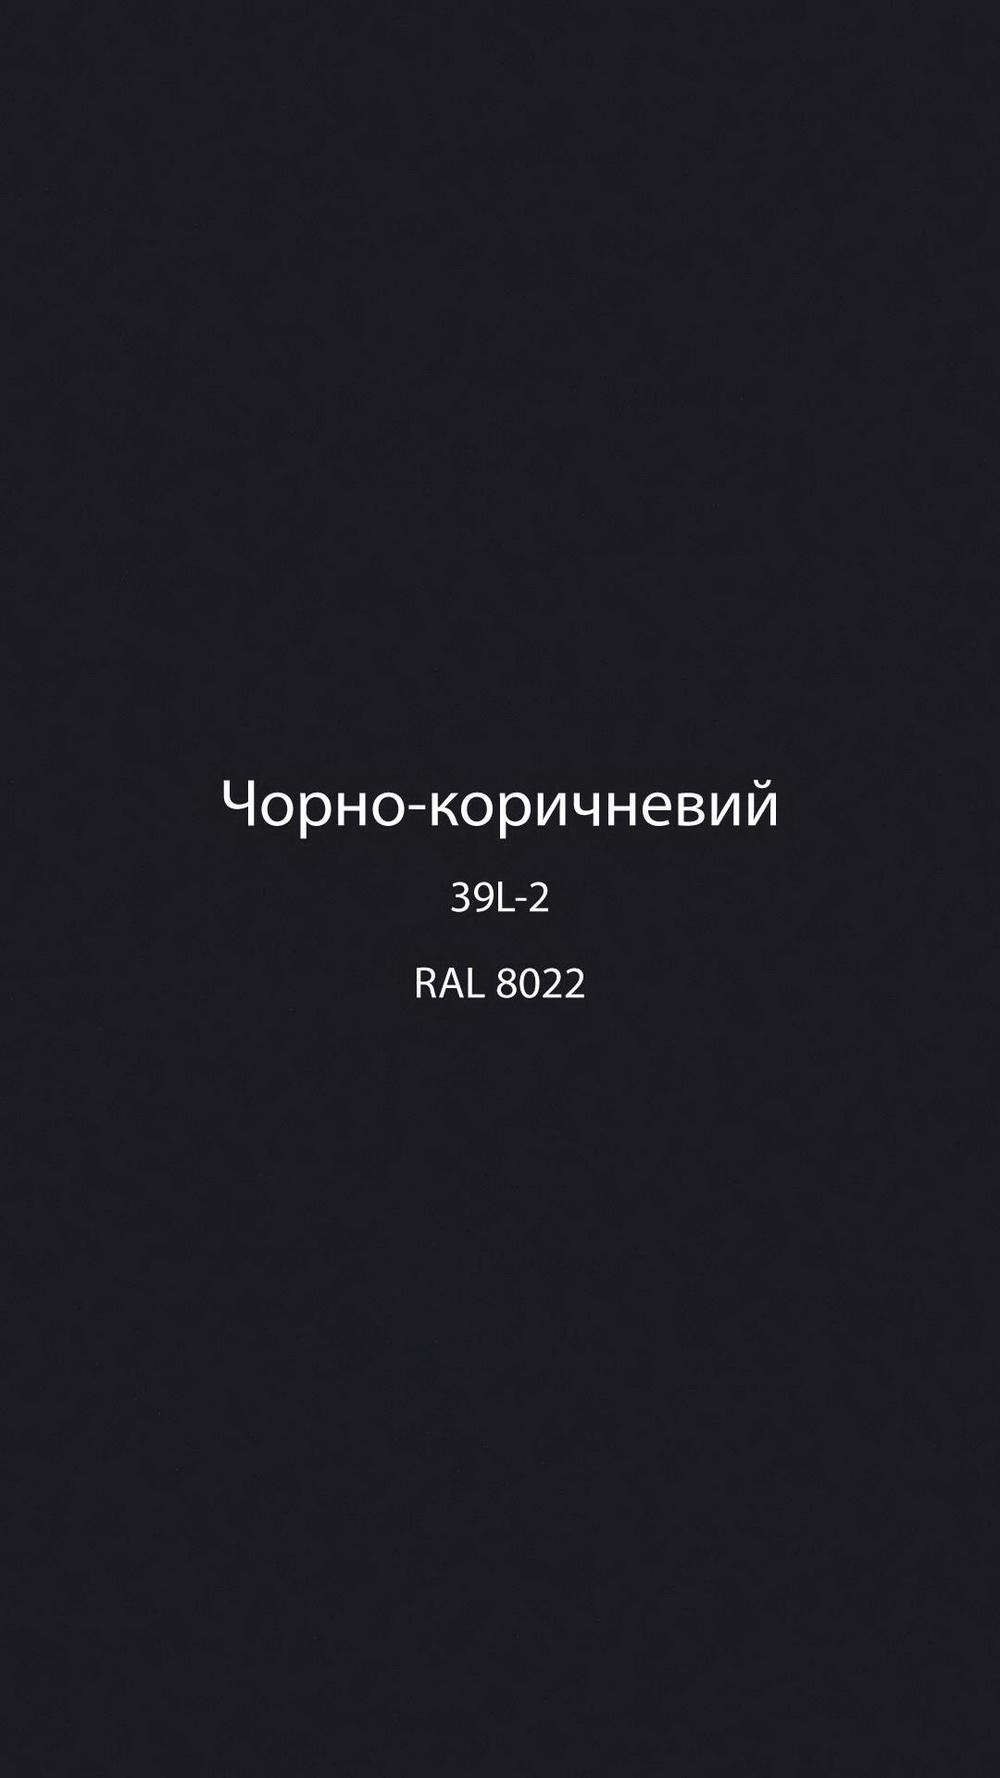 Чорно-коричневий для ламінації конструкцій заводу EKIPAZH